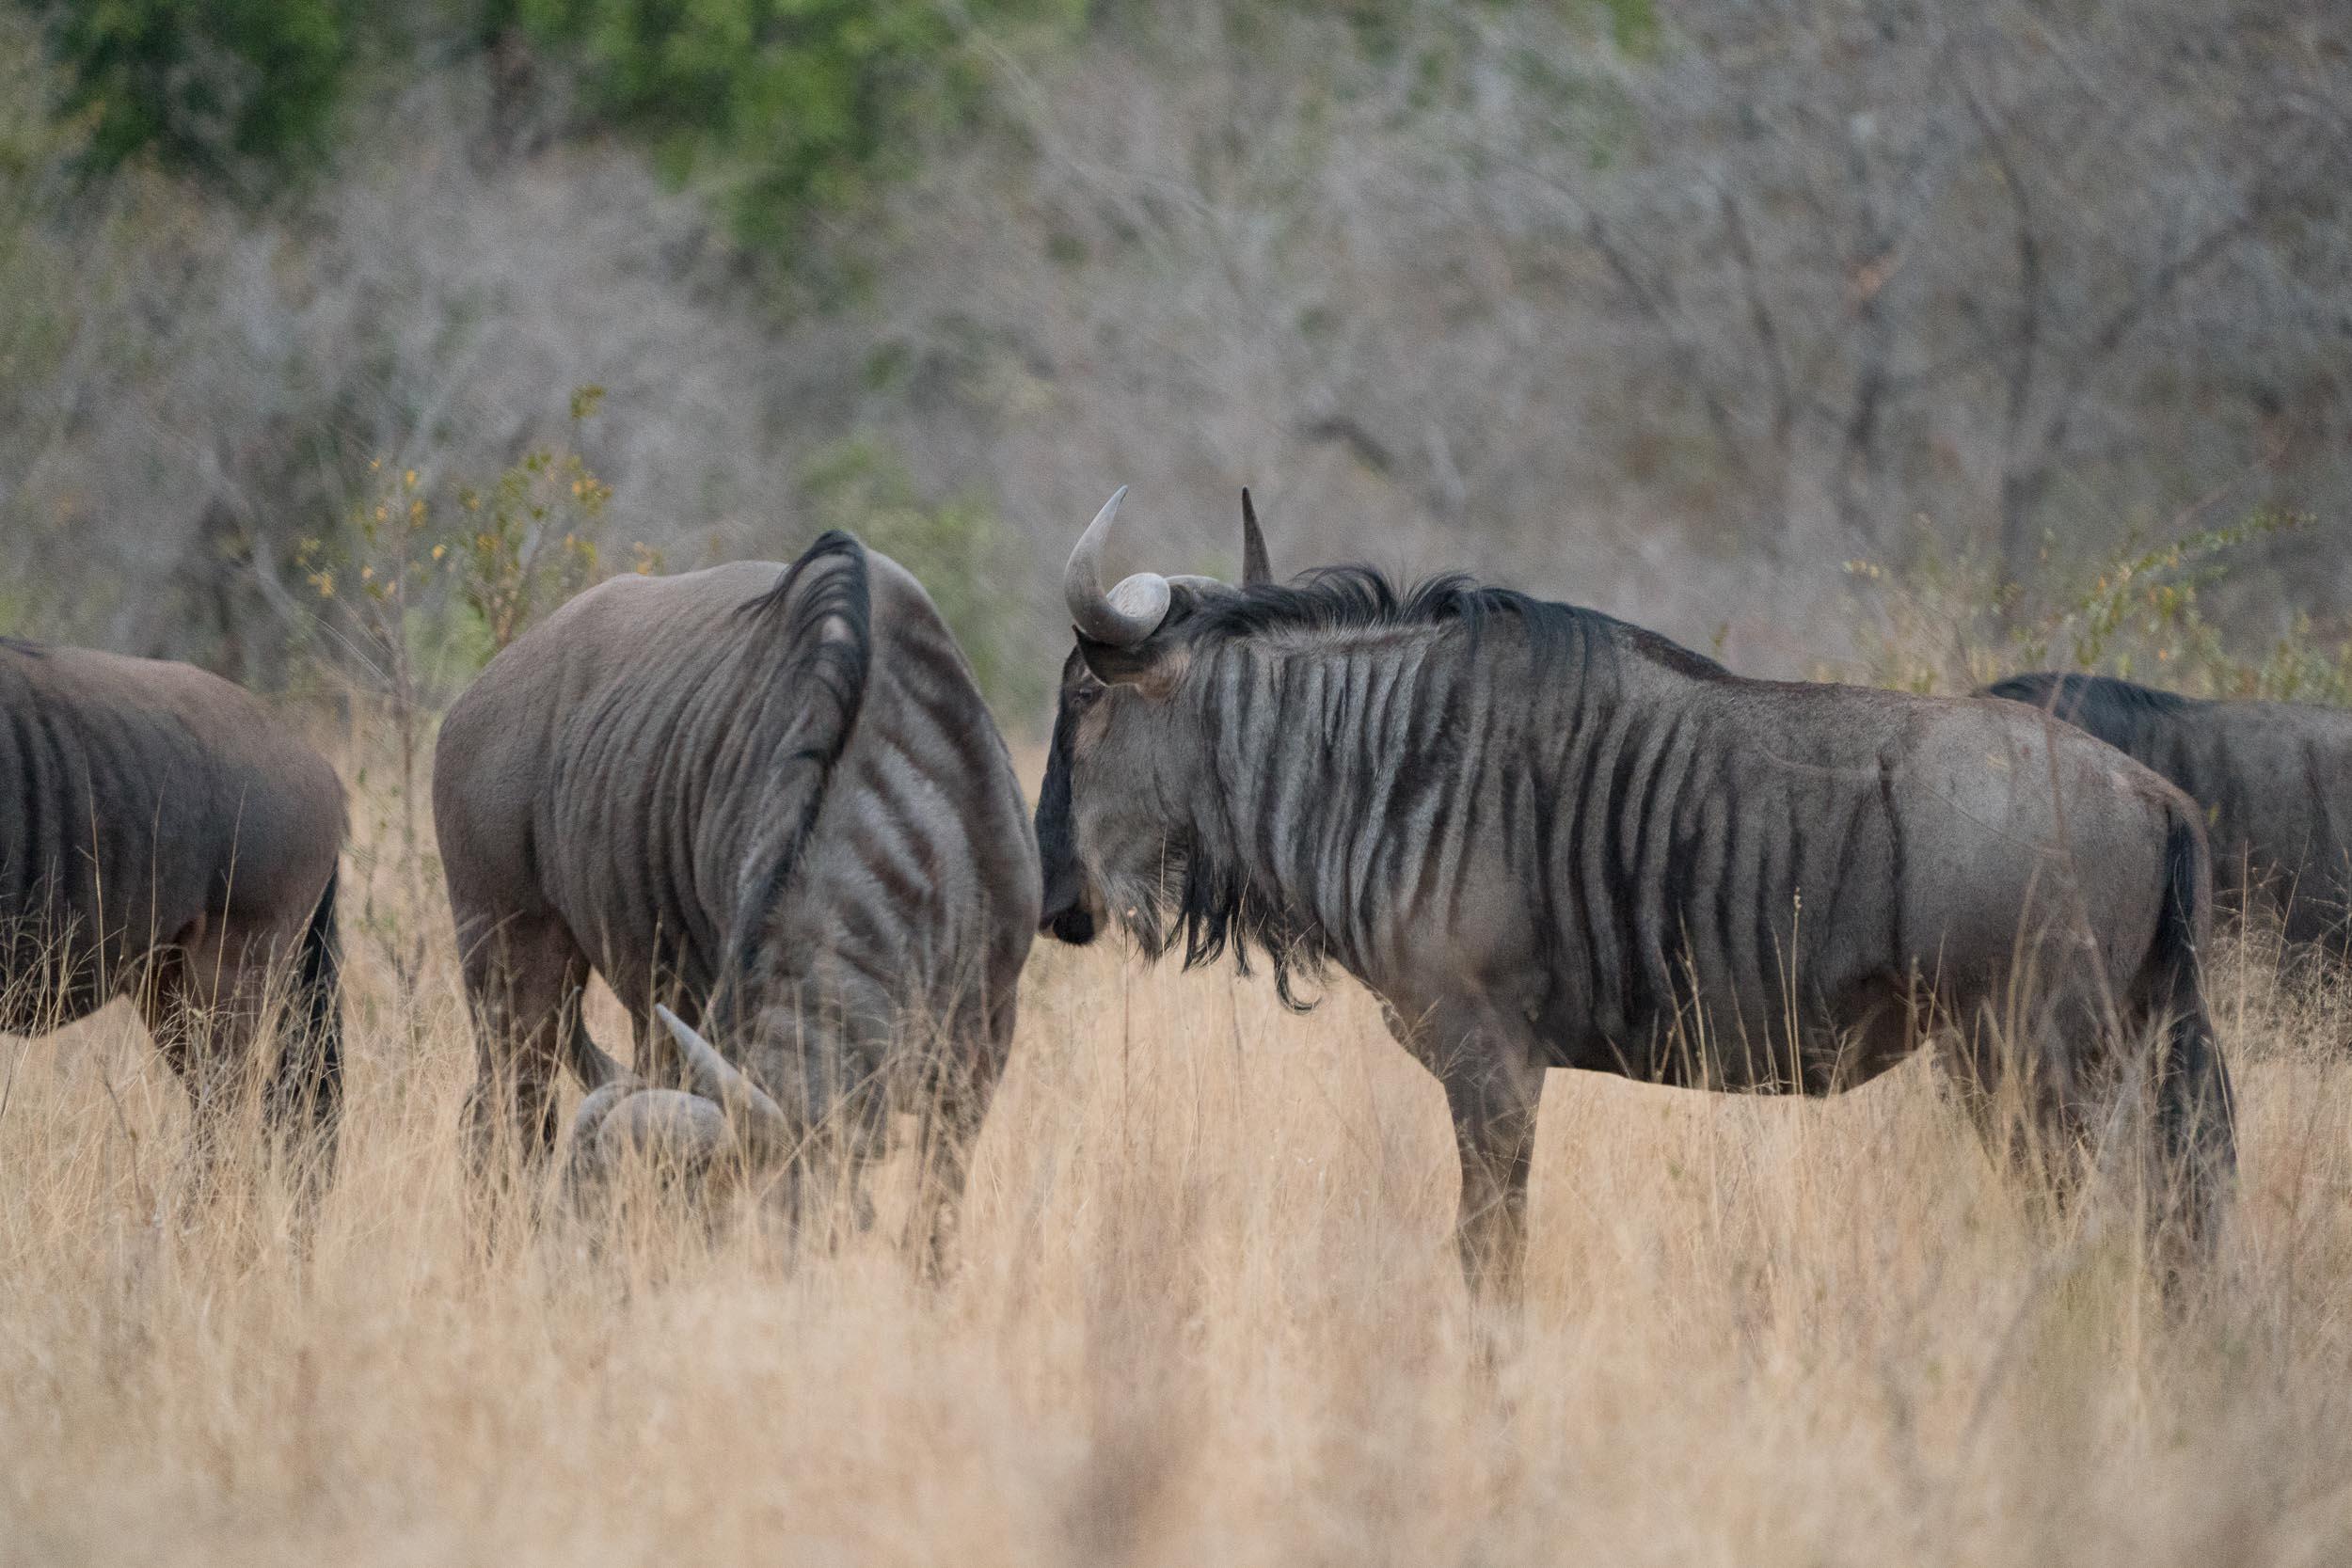 the_getaway_edit_south_africa_safari_londolozi_game_reserve-4.jpg